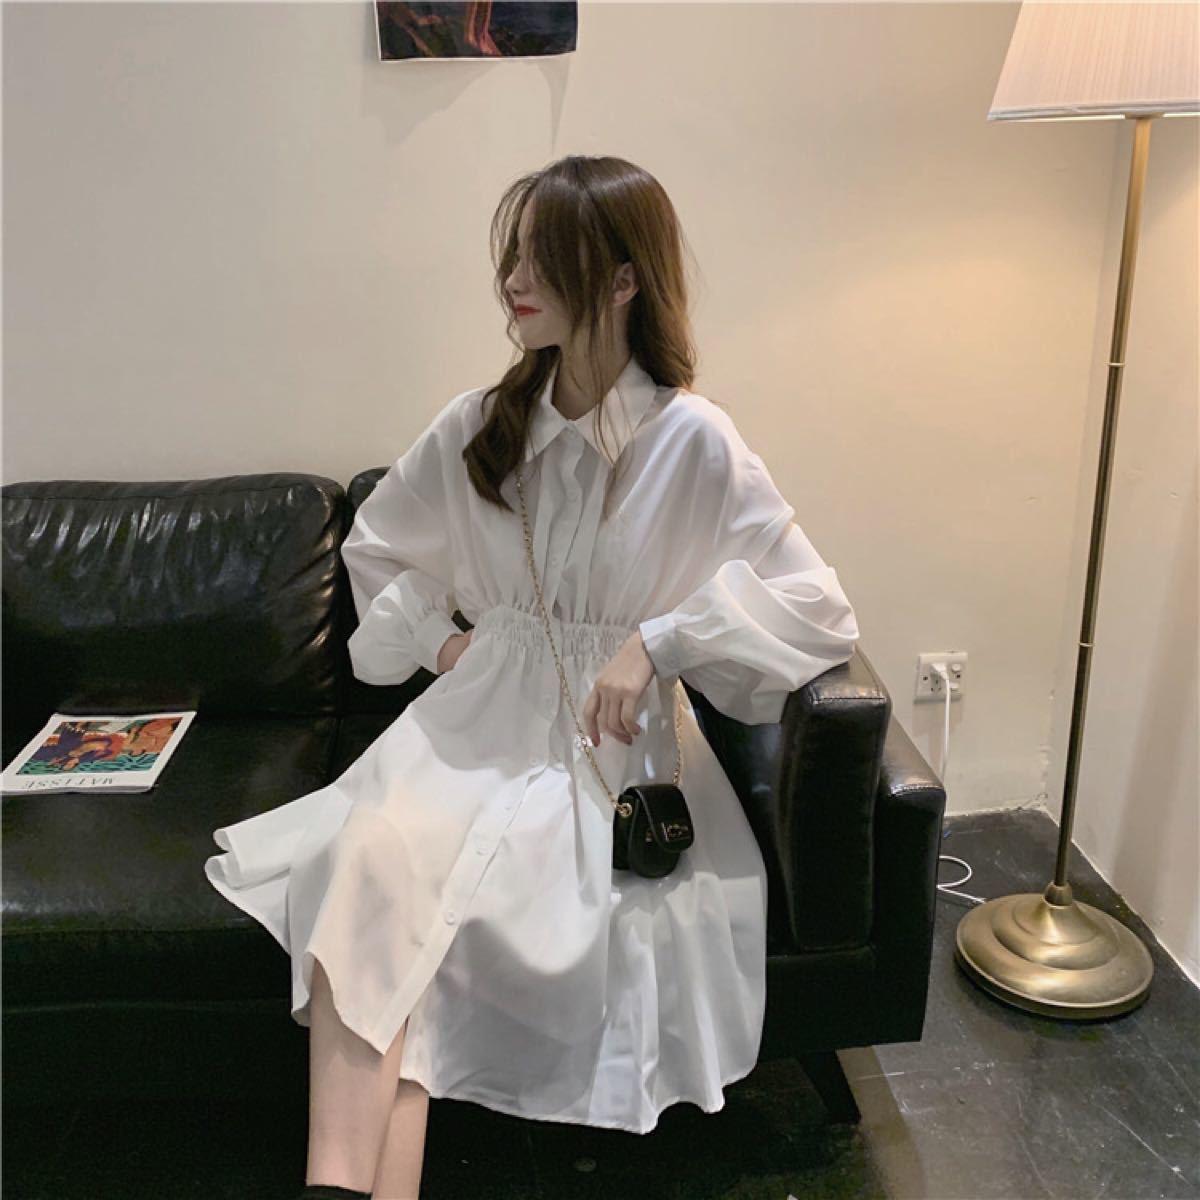 シャツワンピース ワンピース シャツ 膝丈ワンピース 膝丈 韓国ファッション